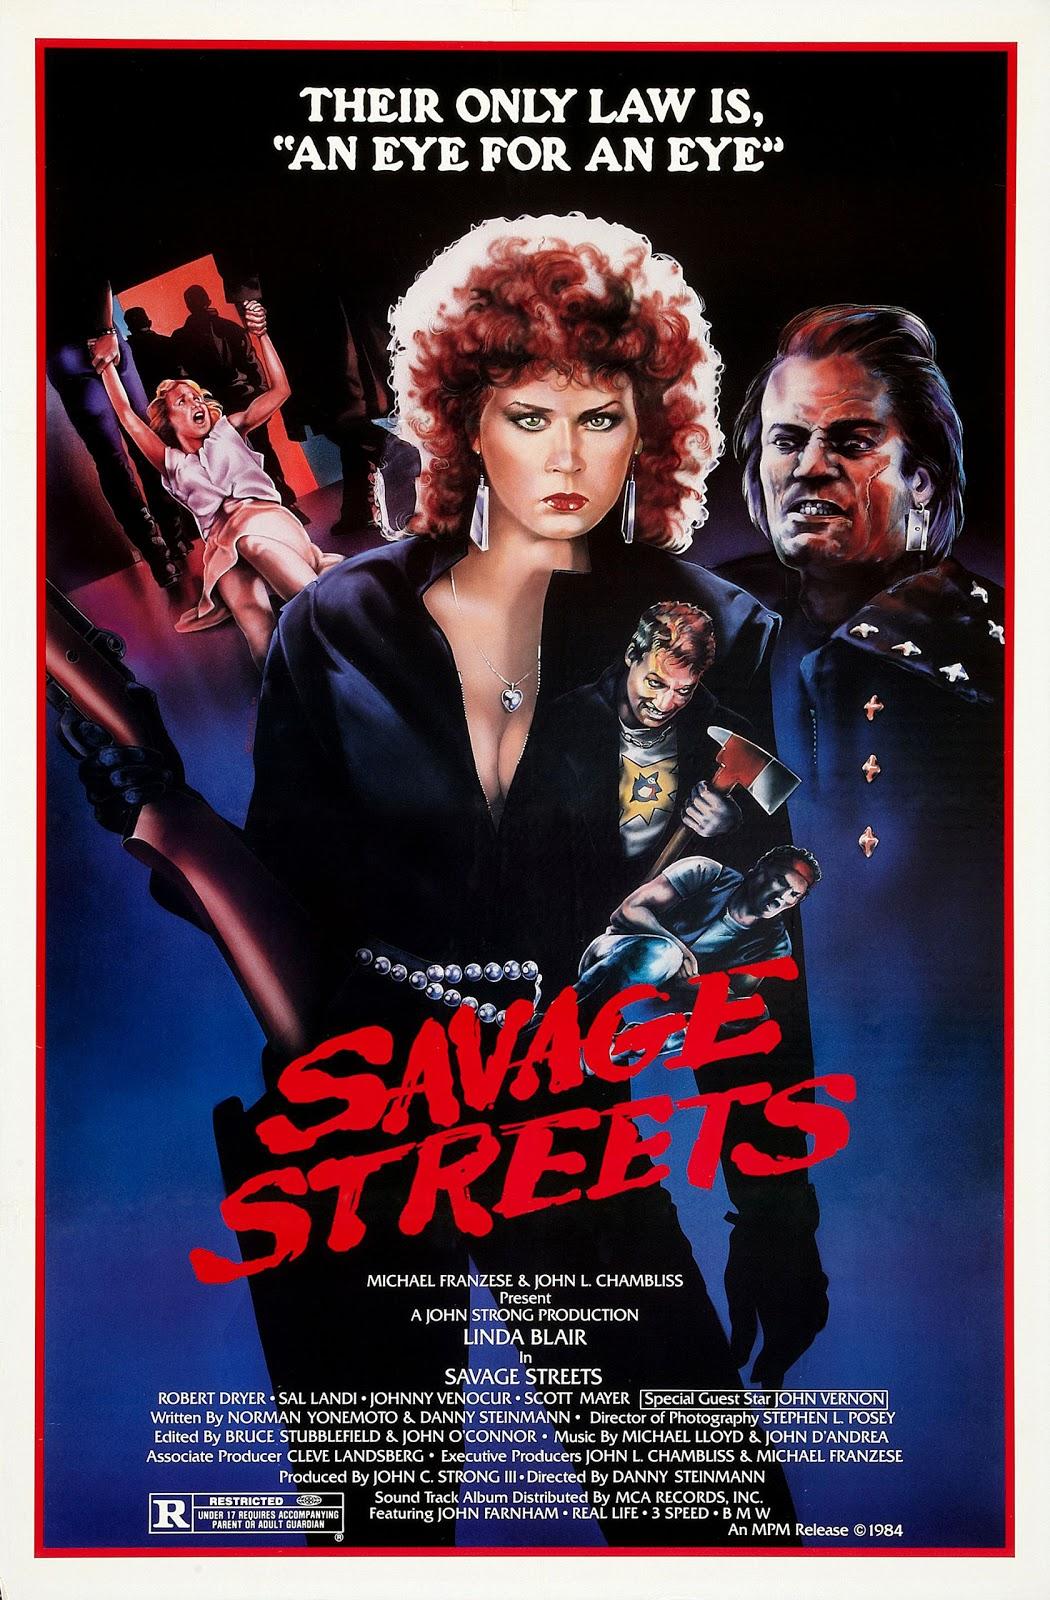 http://2.bp.blogspot.com/_v8Bi_jjV8cA/TLTONI93cbI/AAAAAAAAADo/FzqBrz-yZ4c/s1600/savage_streets_poster_01.jpg